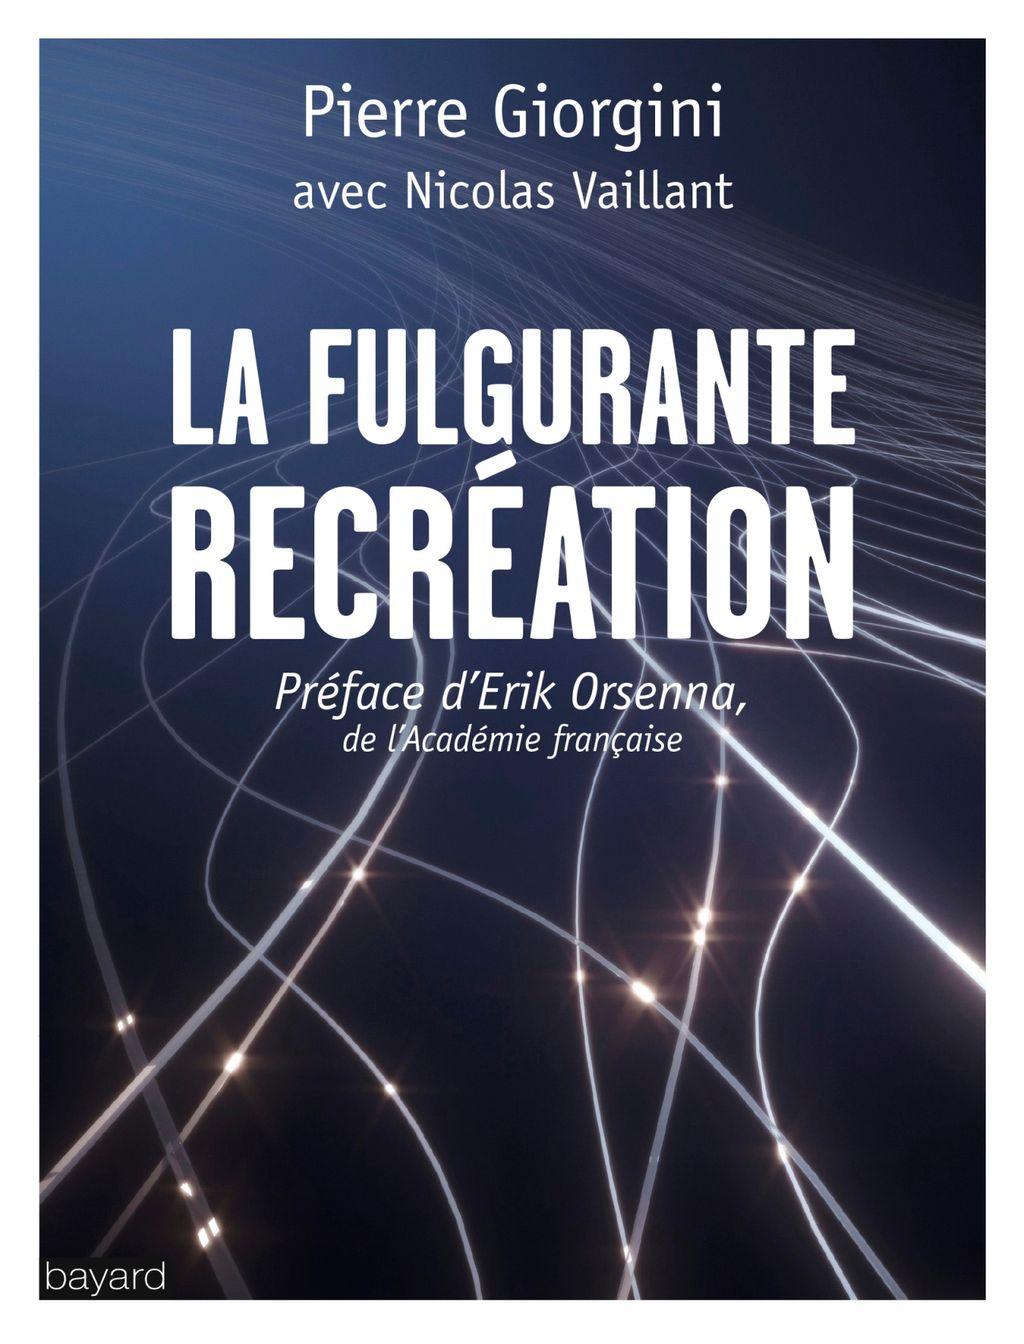 «LA FULGURANTE RÉCRÉATION» cover